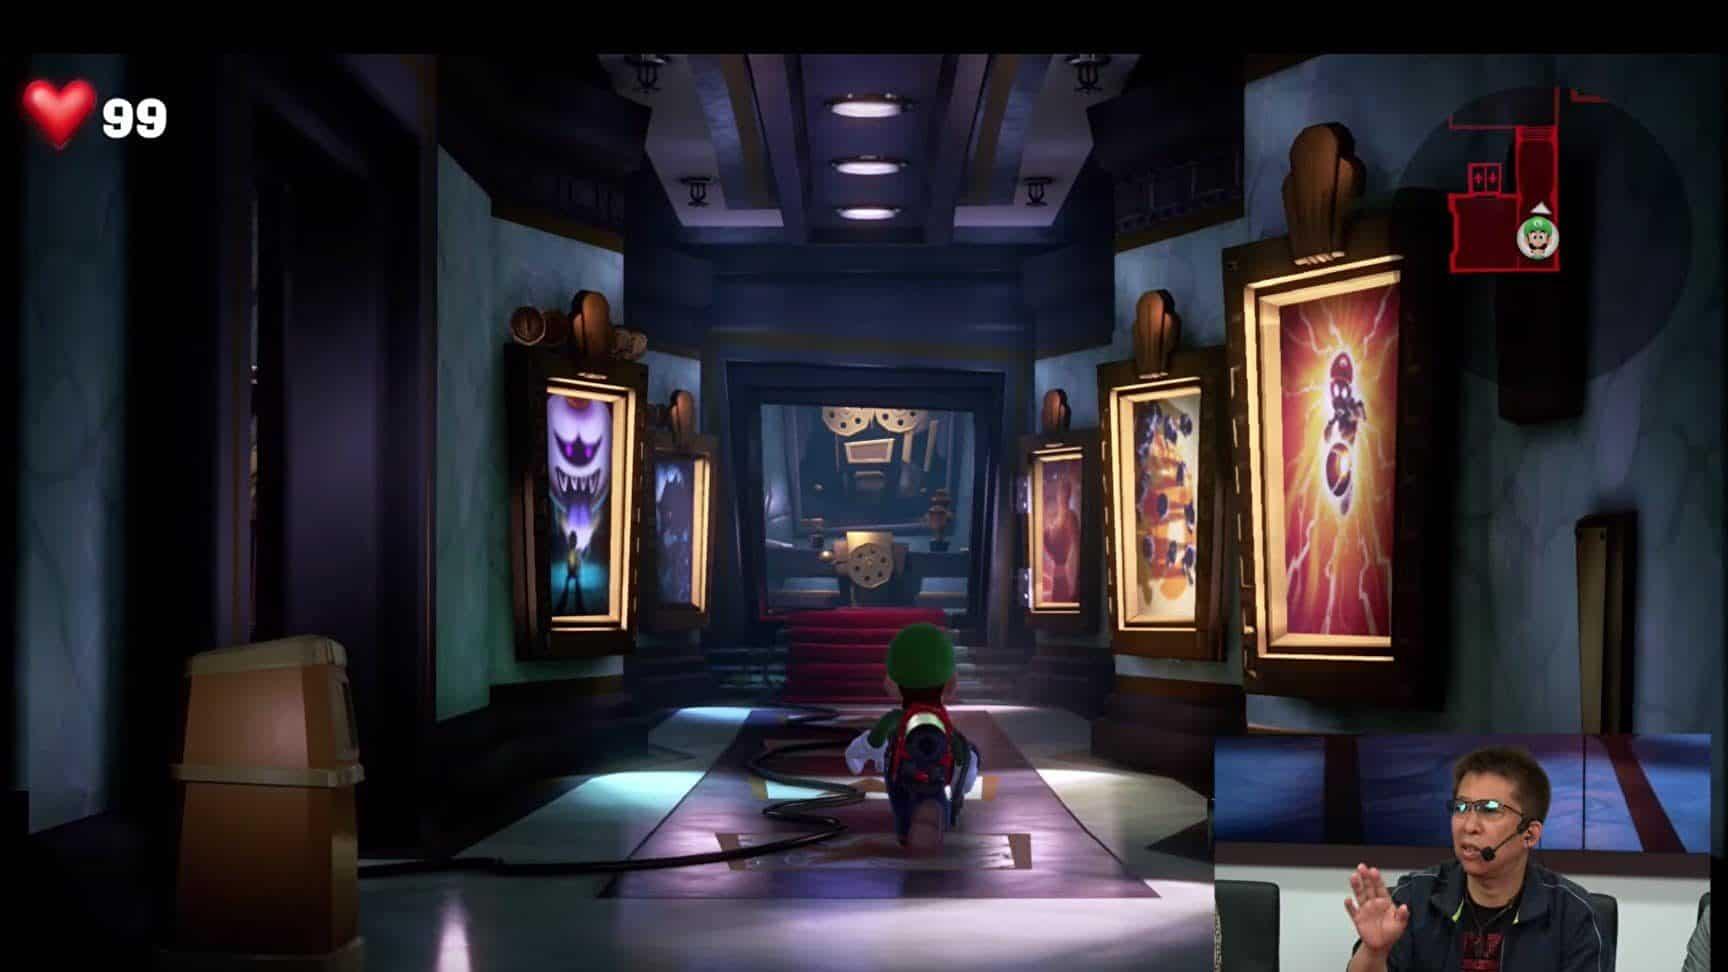 El nivel del cine de Luigi's Mansion 3 cuenta con Easter Eggs de anteriores títulos de Next Level Games